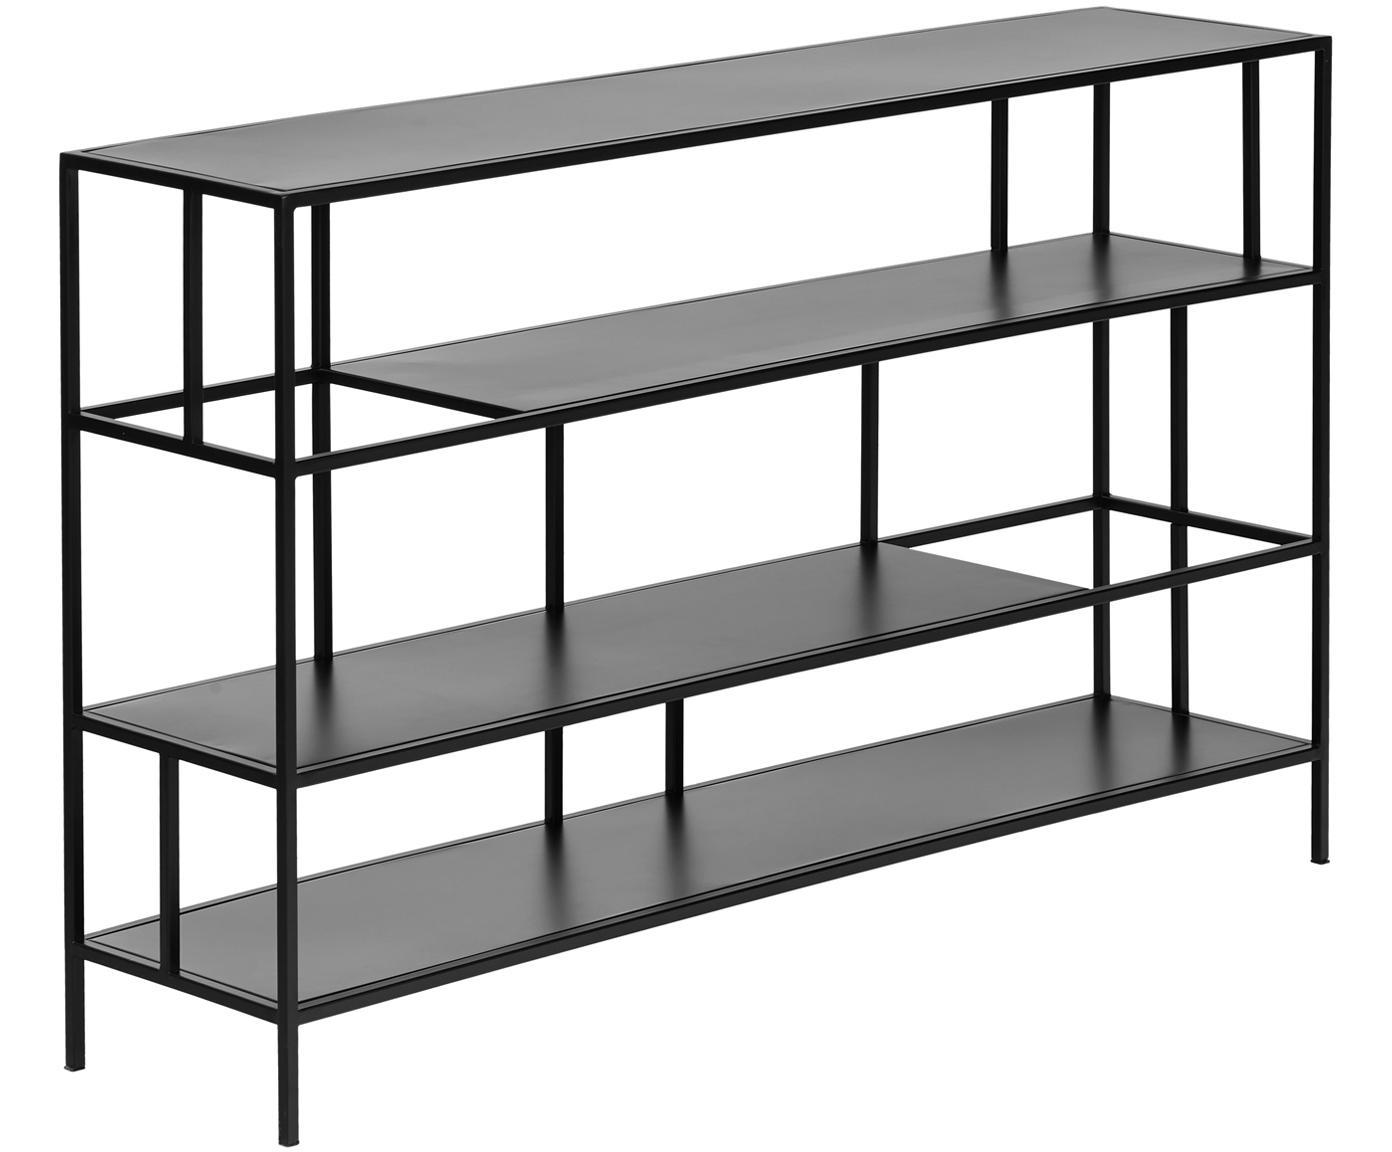 Metalen wandrek Sheldon in zwart, Gepoedercoat metaal, Mat zwart, 120 x 74 cm